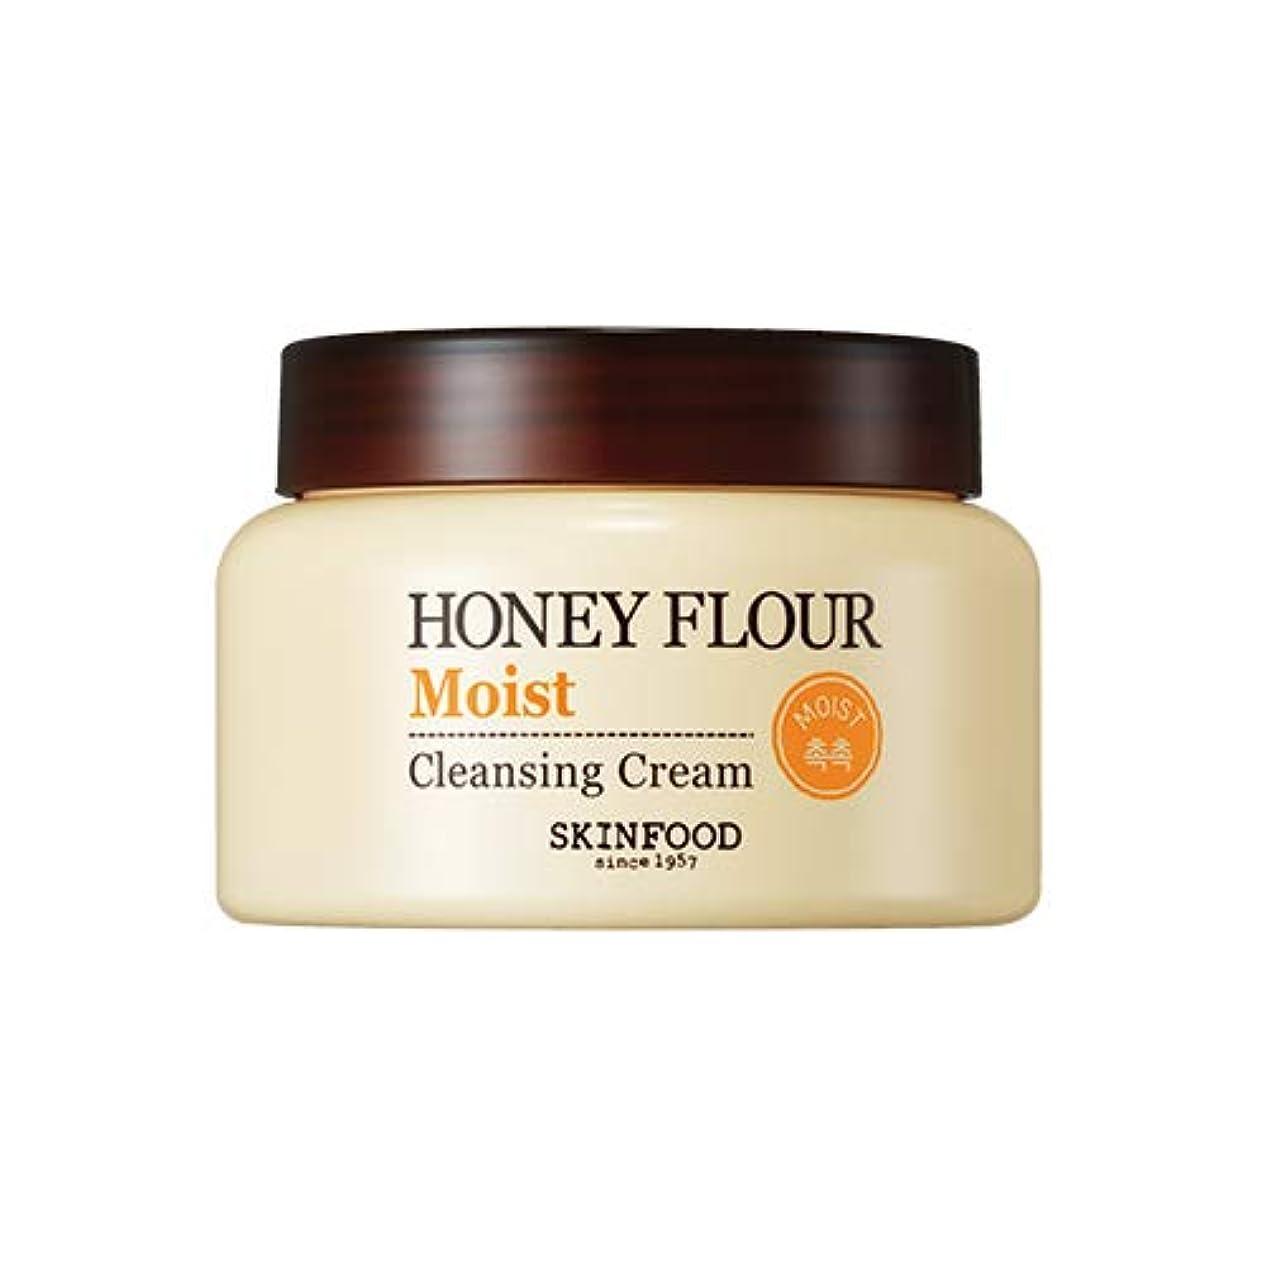 美徳要塞司法Skinfood/Honey Flour Moist Cleansing Cream/ハニーフラワーモイストクレンジングクリーム/225ml [並行輸入品]